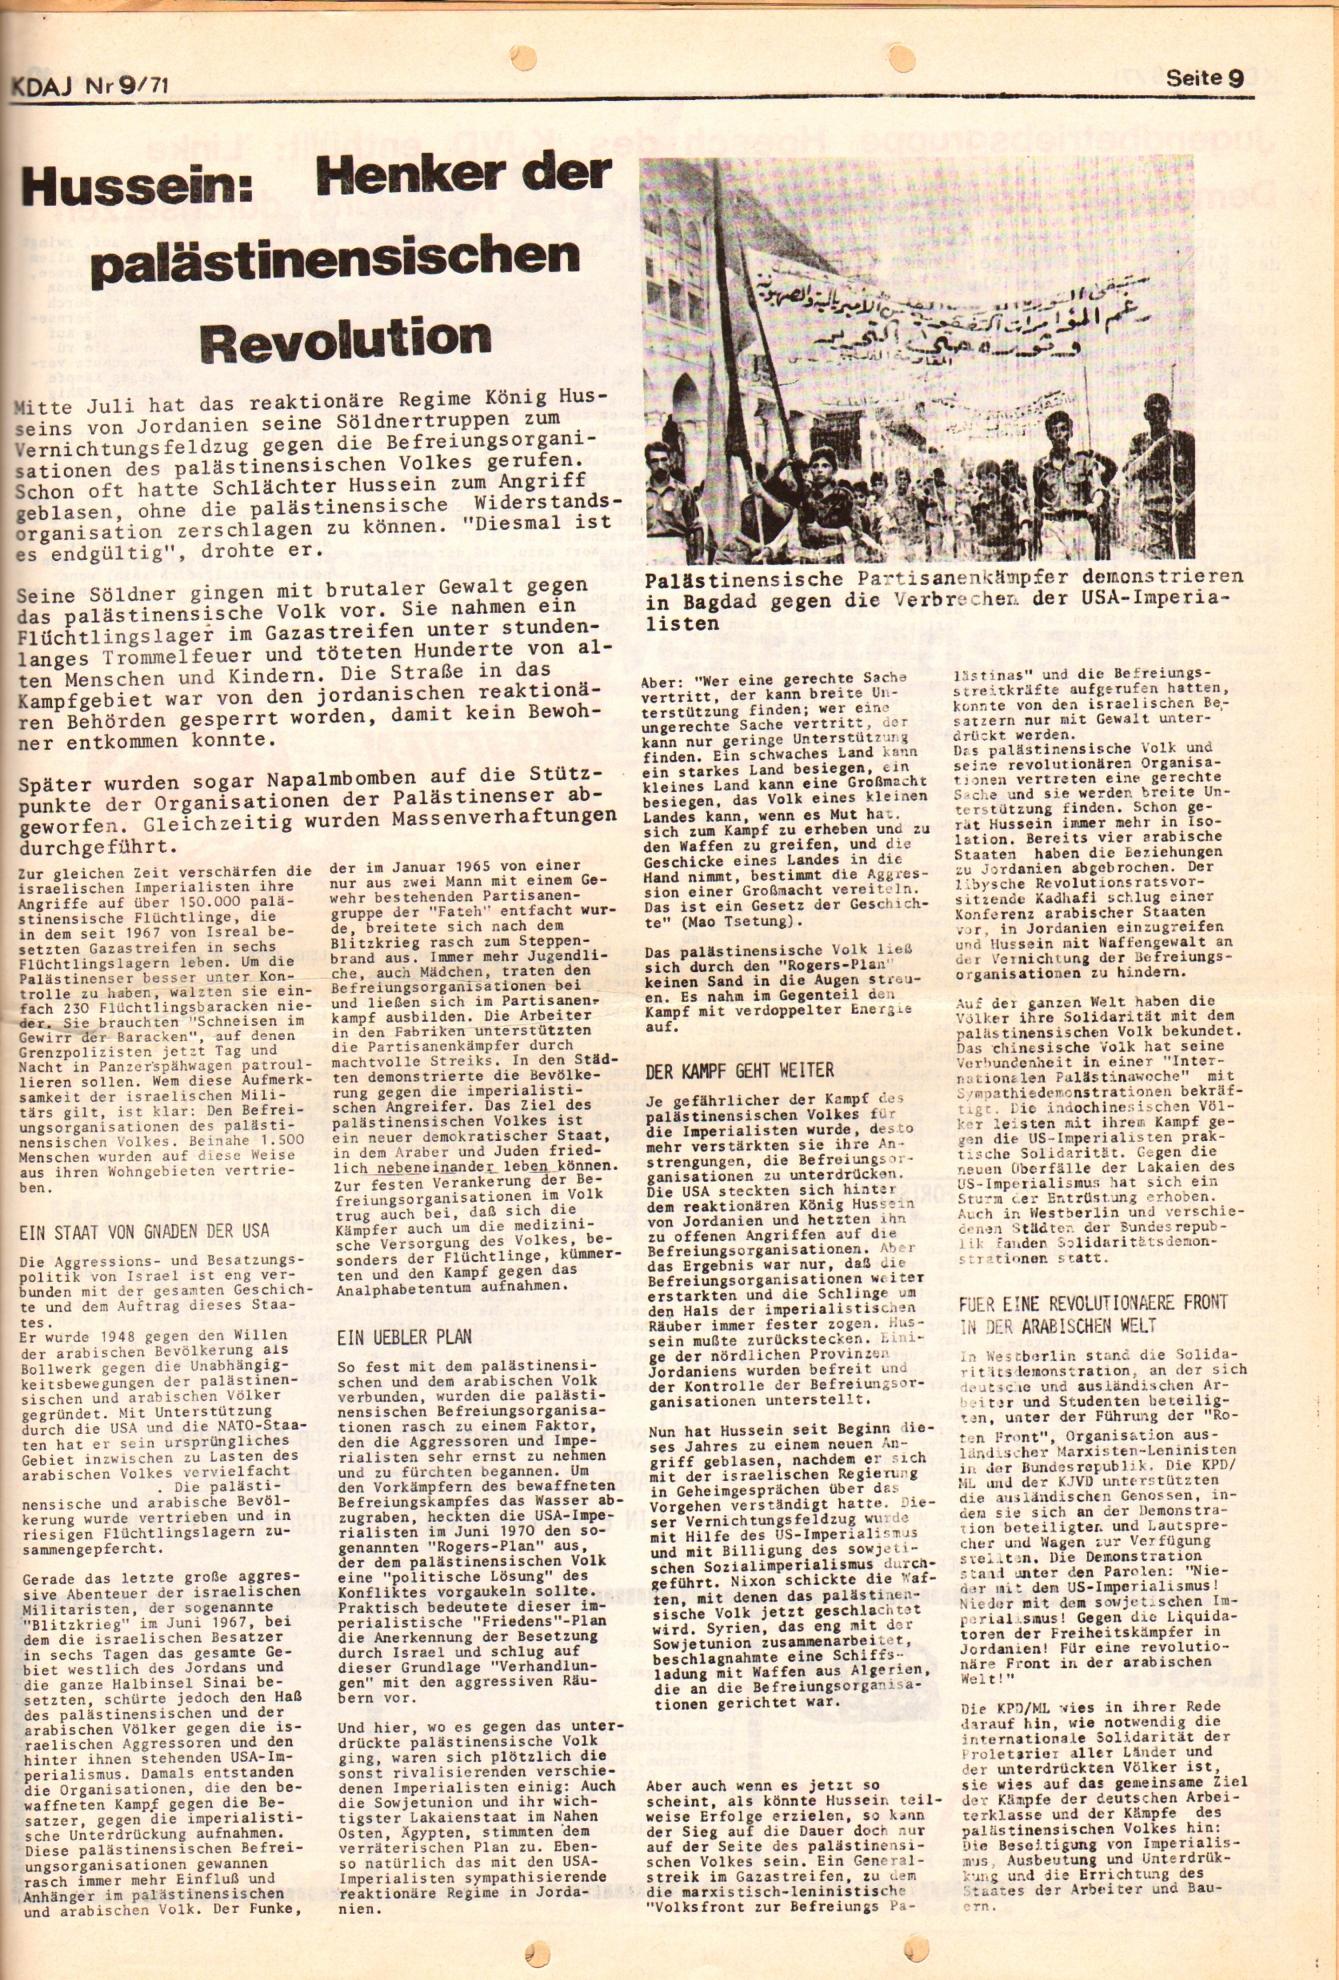 KDAJ, 2. Jg., September 1971, Nr. 9, Seite 9